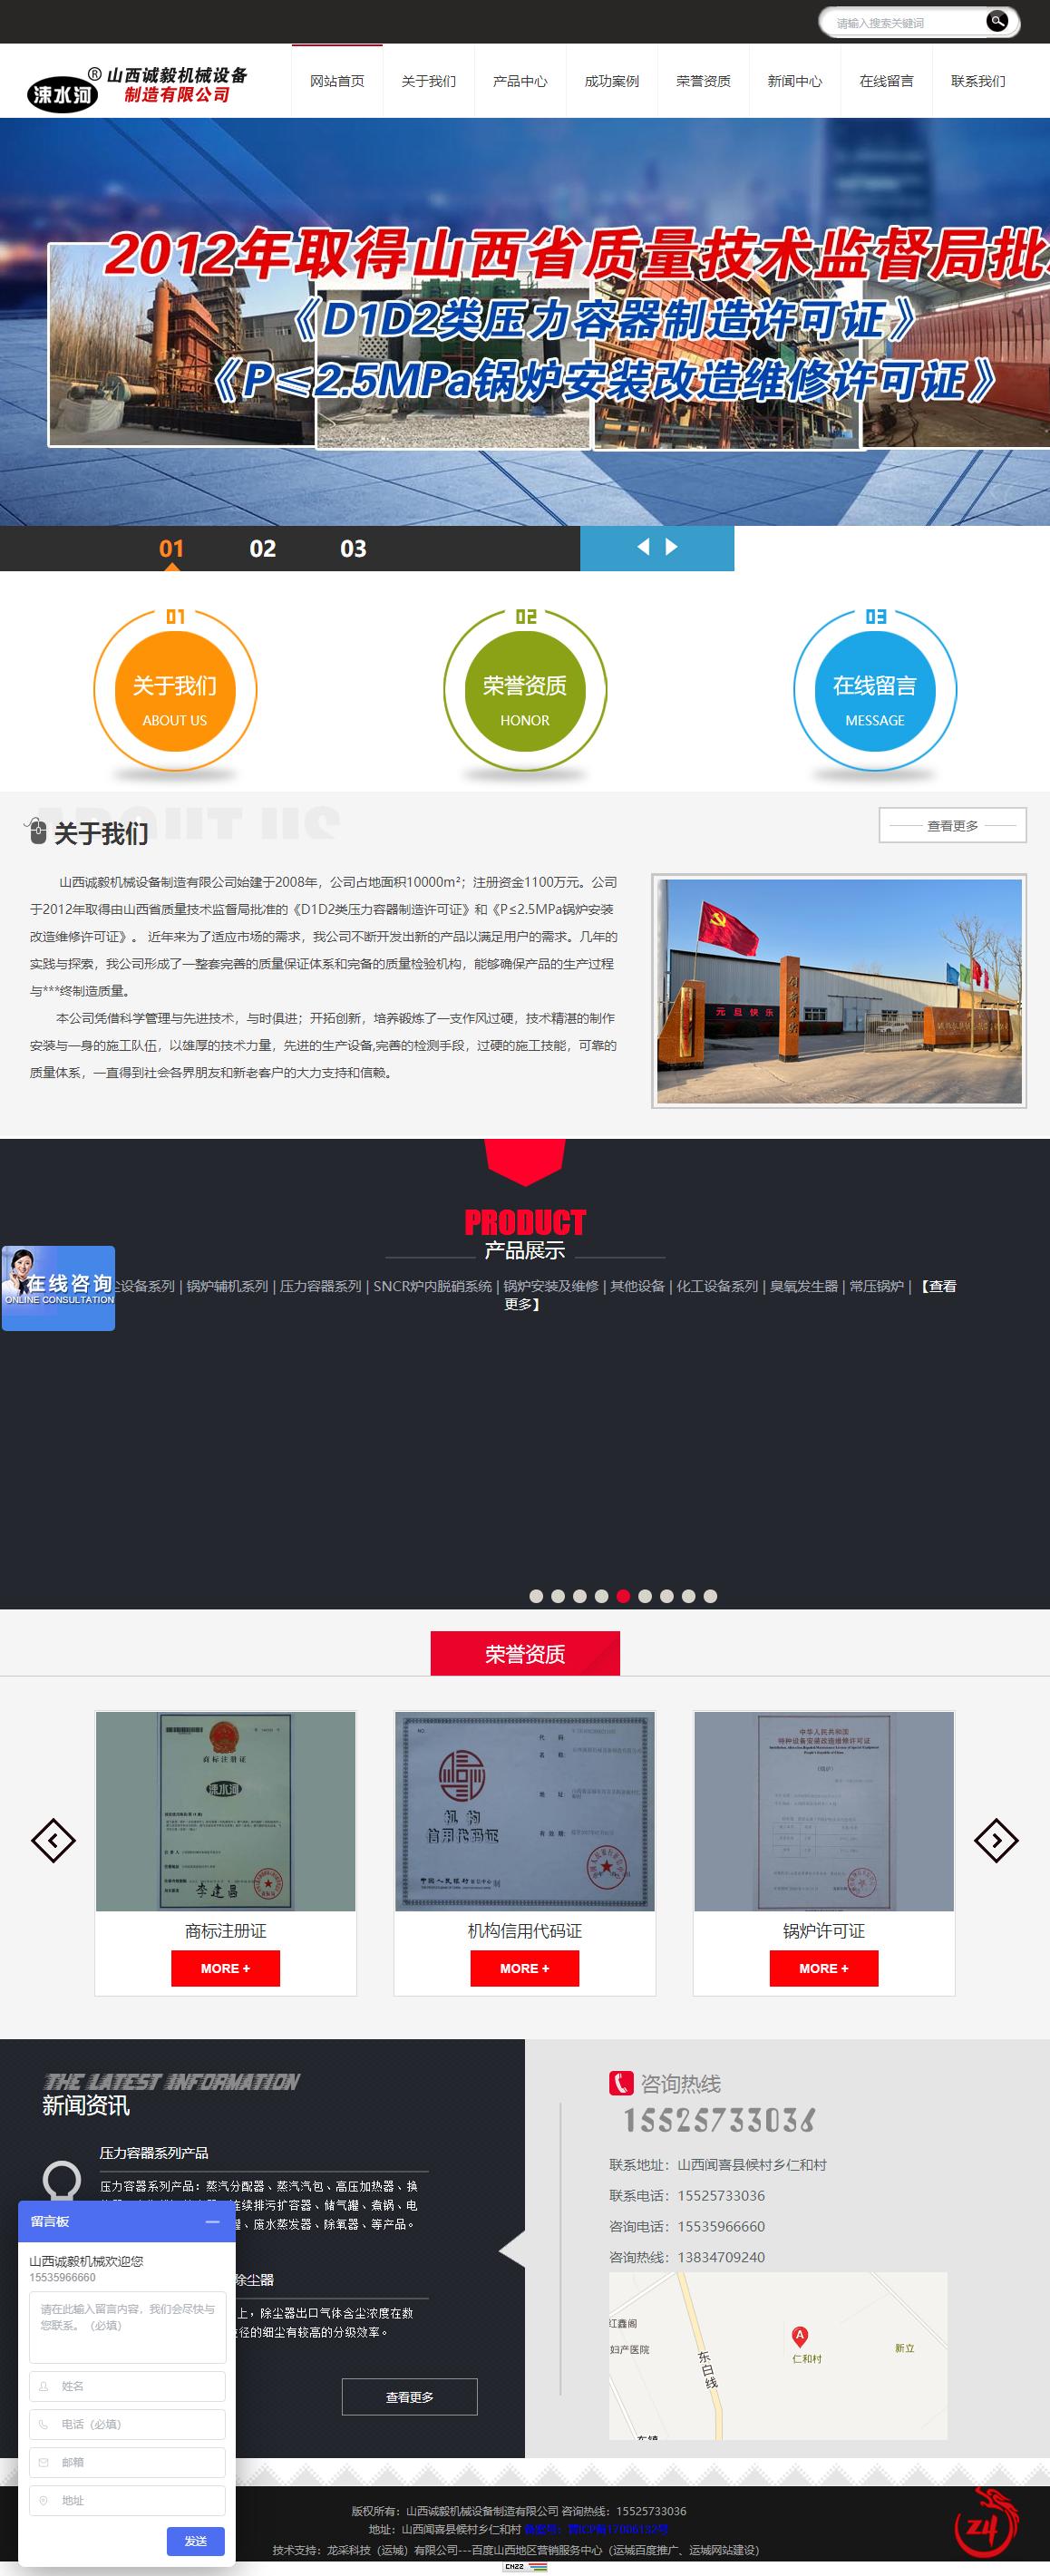 山西诚毅机械设备制造有限公司网站案例